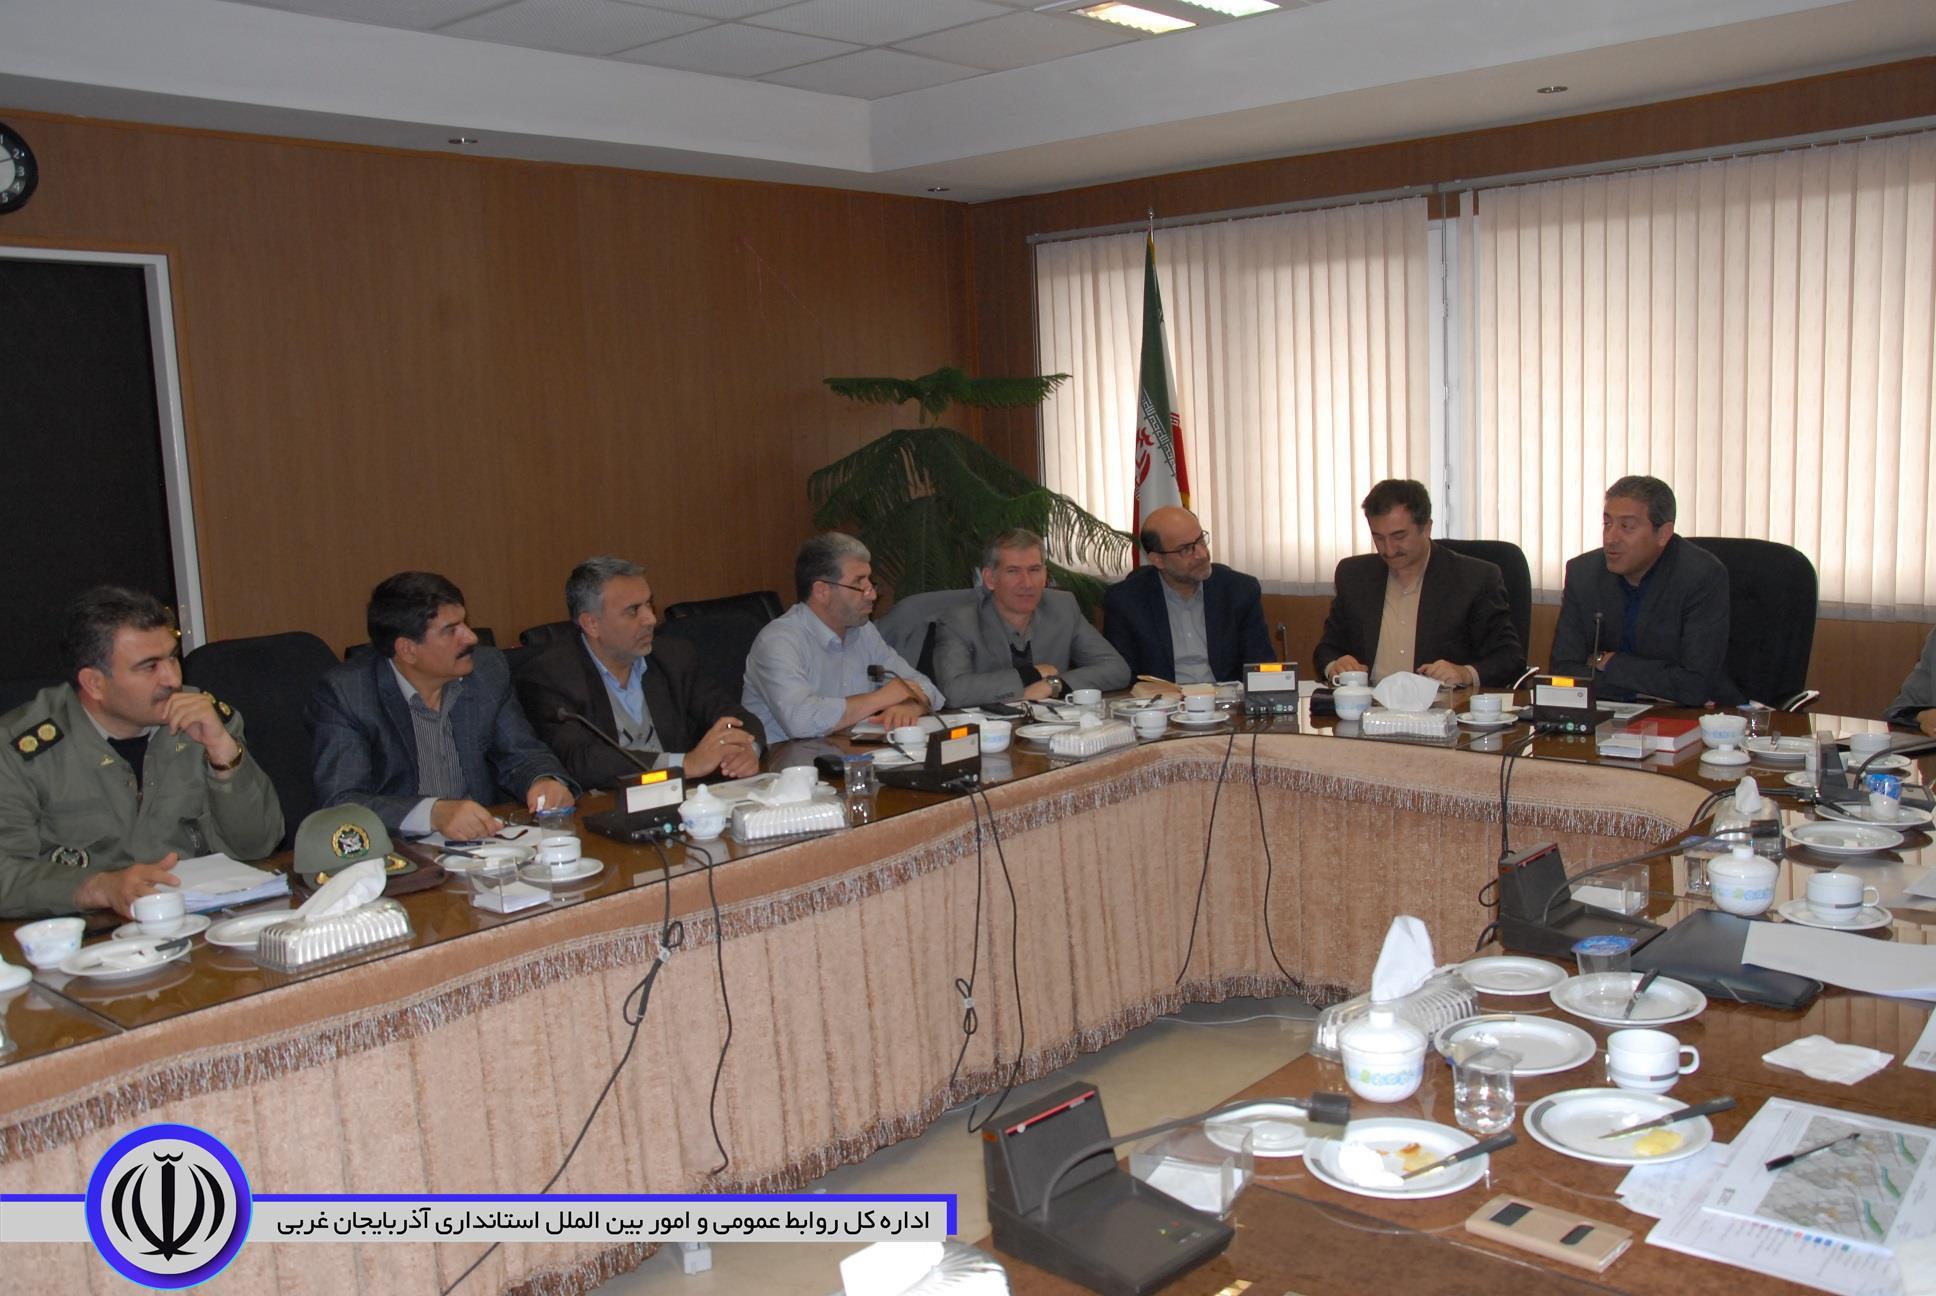 پنجمین جلسه کمیته راهبری طراحی شهری